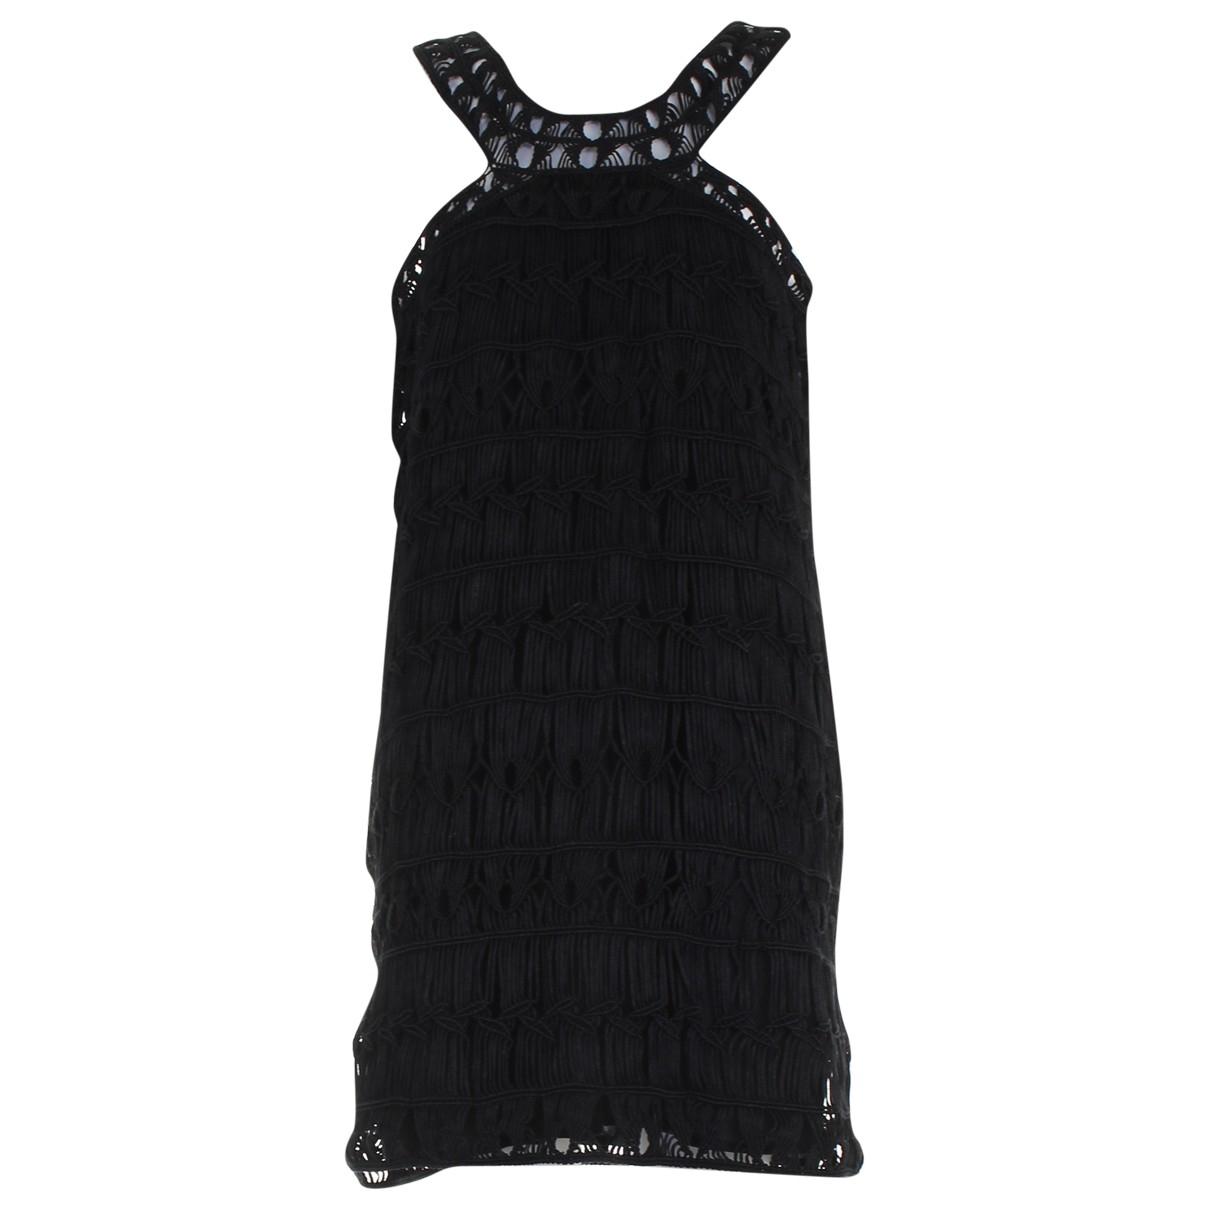 Diane Von Furstenberg \N Black Cotton dress for Women M International